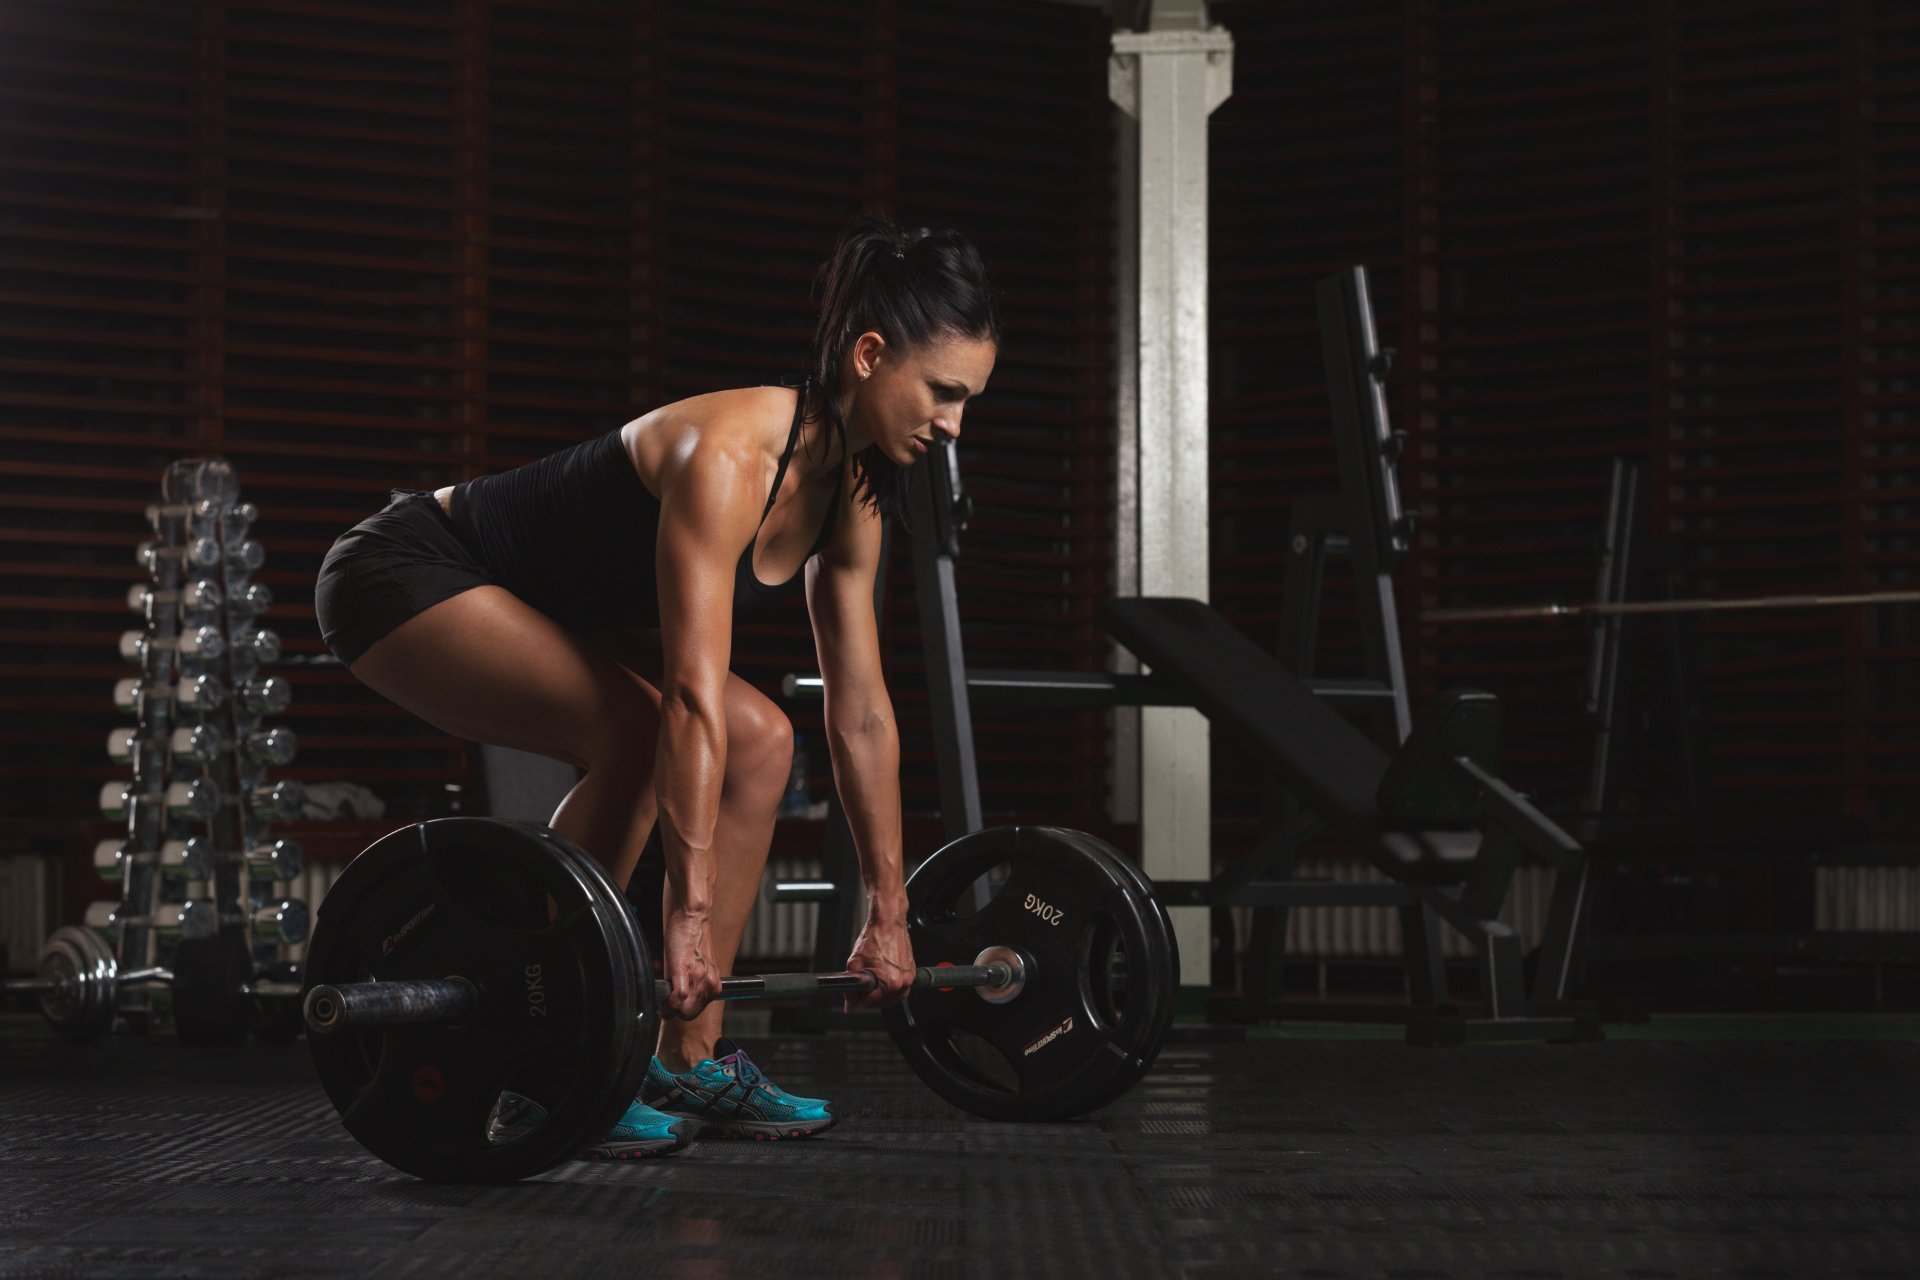 Базовые упражнения для девушек: топ самых лучших программ для тренировок в домашних условиях и тренажерном зале!